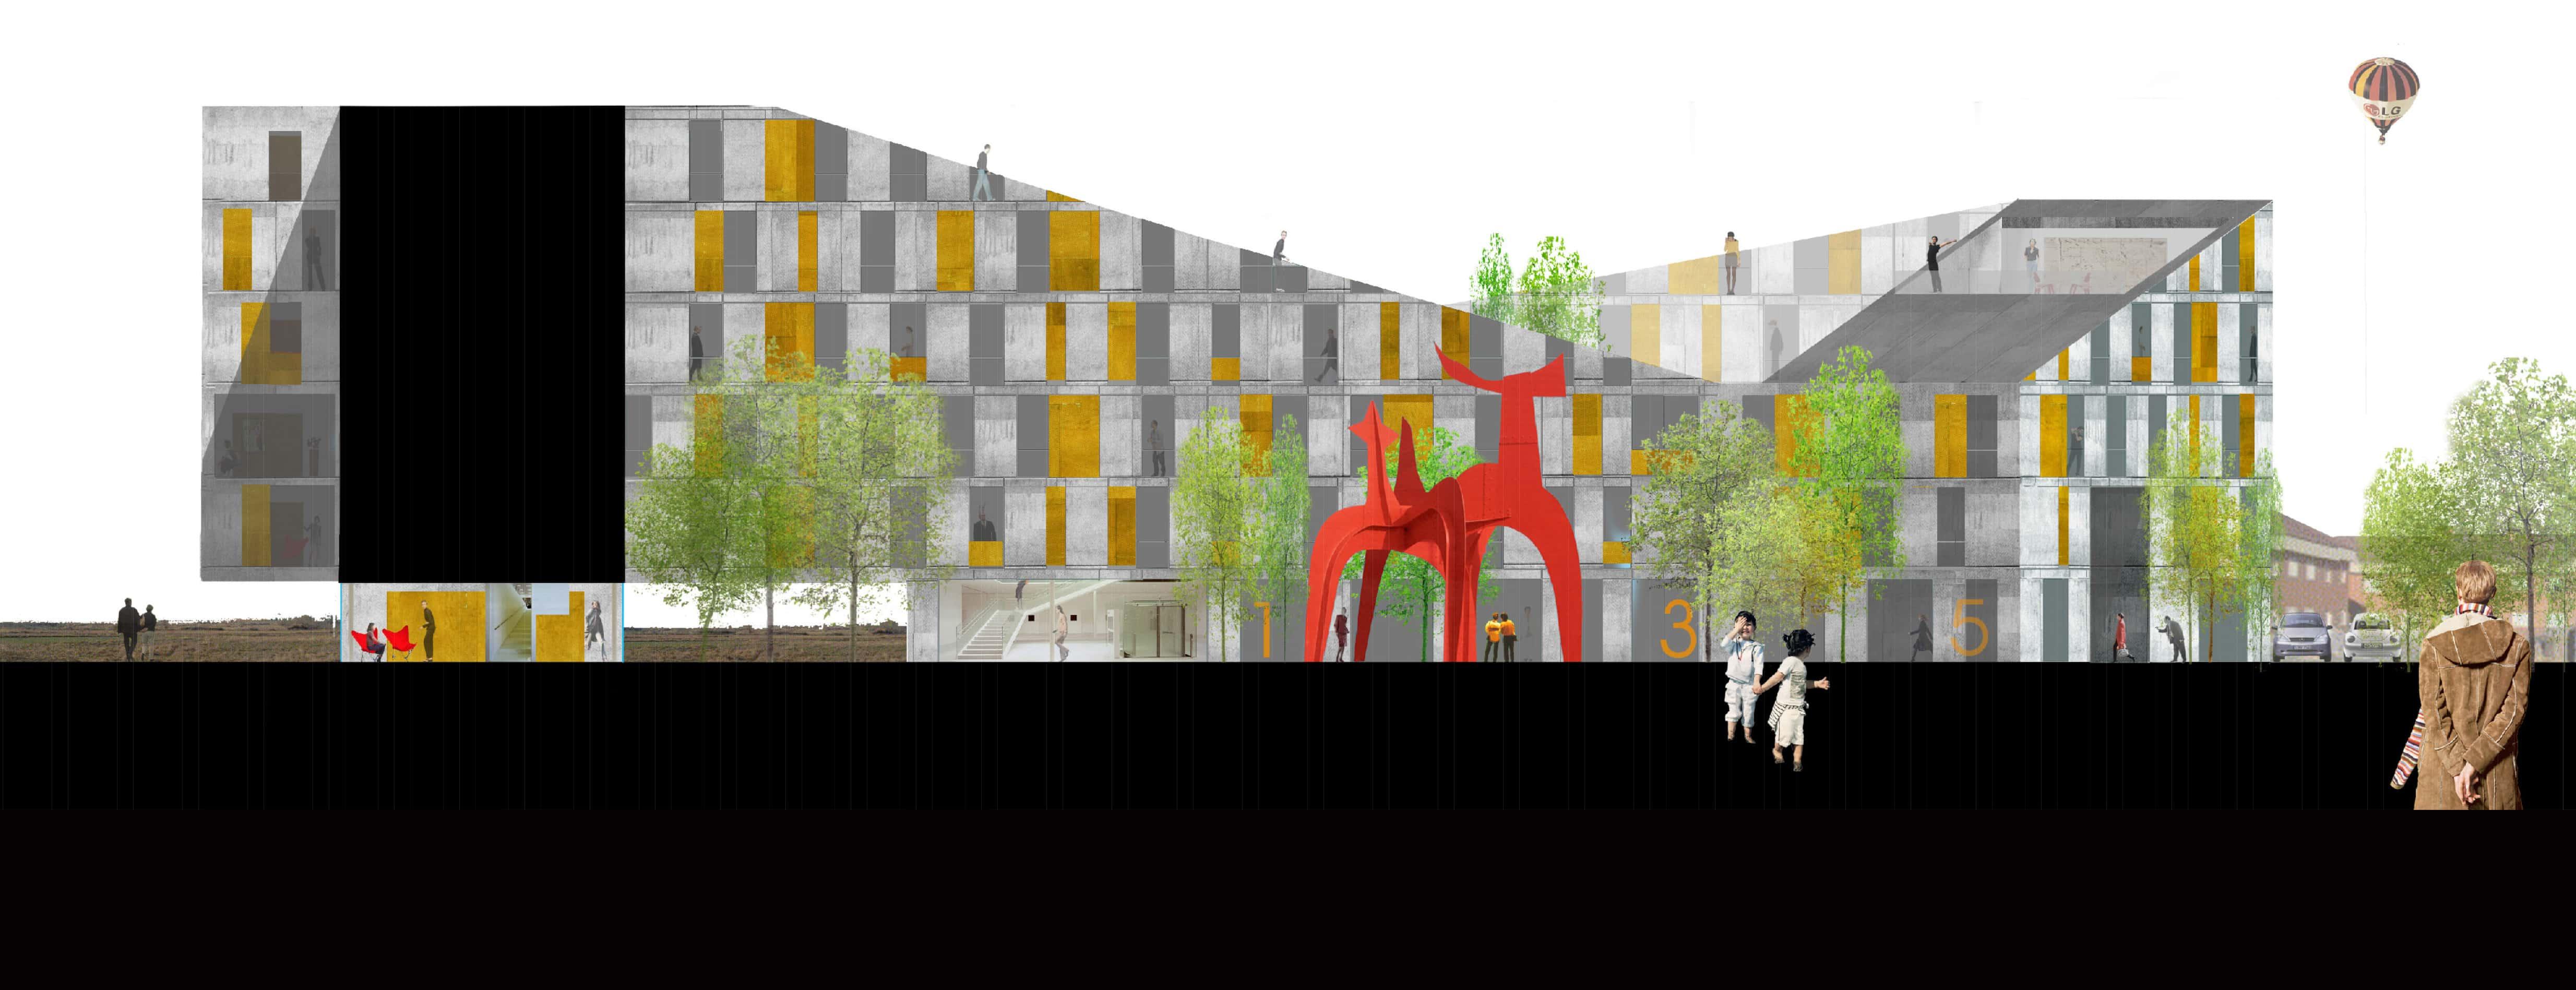 Collage concurso PARLA - LANDÍNEZ+REY | equipo L2G arquitectos, slp [ eL2Gaa ] + Raúl del Valle